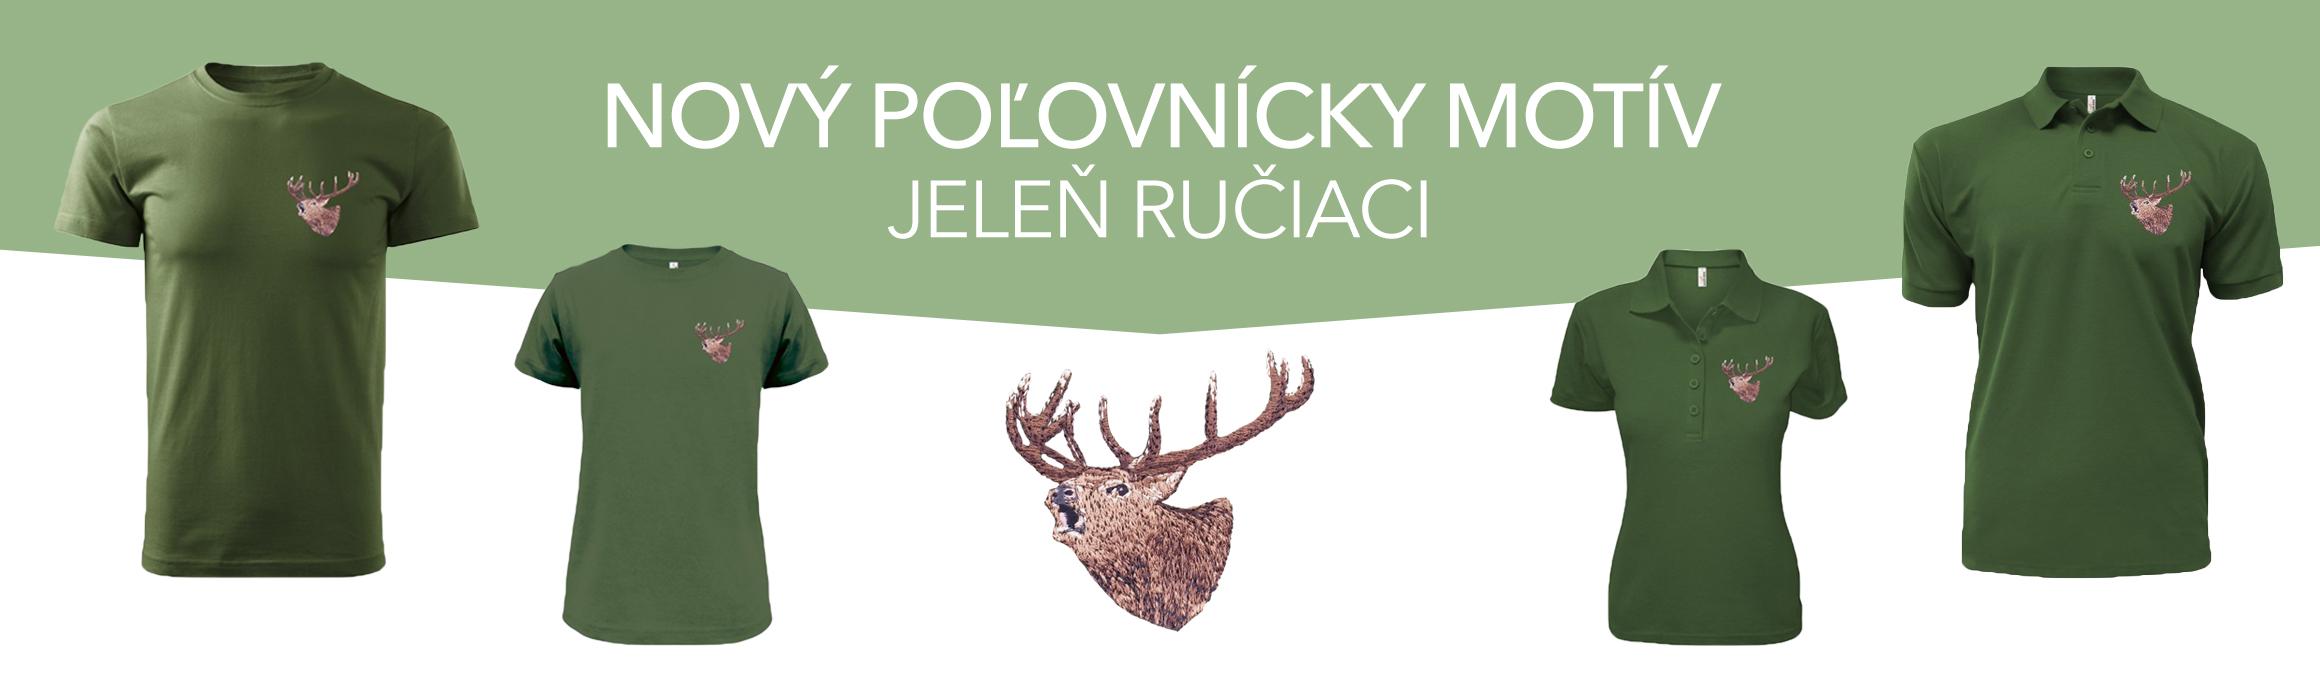 V predaju nový poľovnícky motív - JELEŇ RUČIACI, www.forestshop.sk